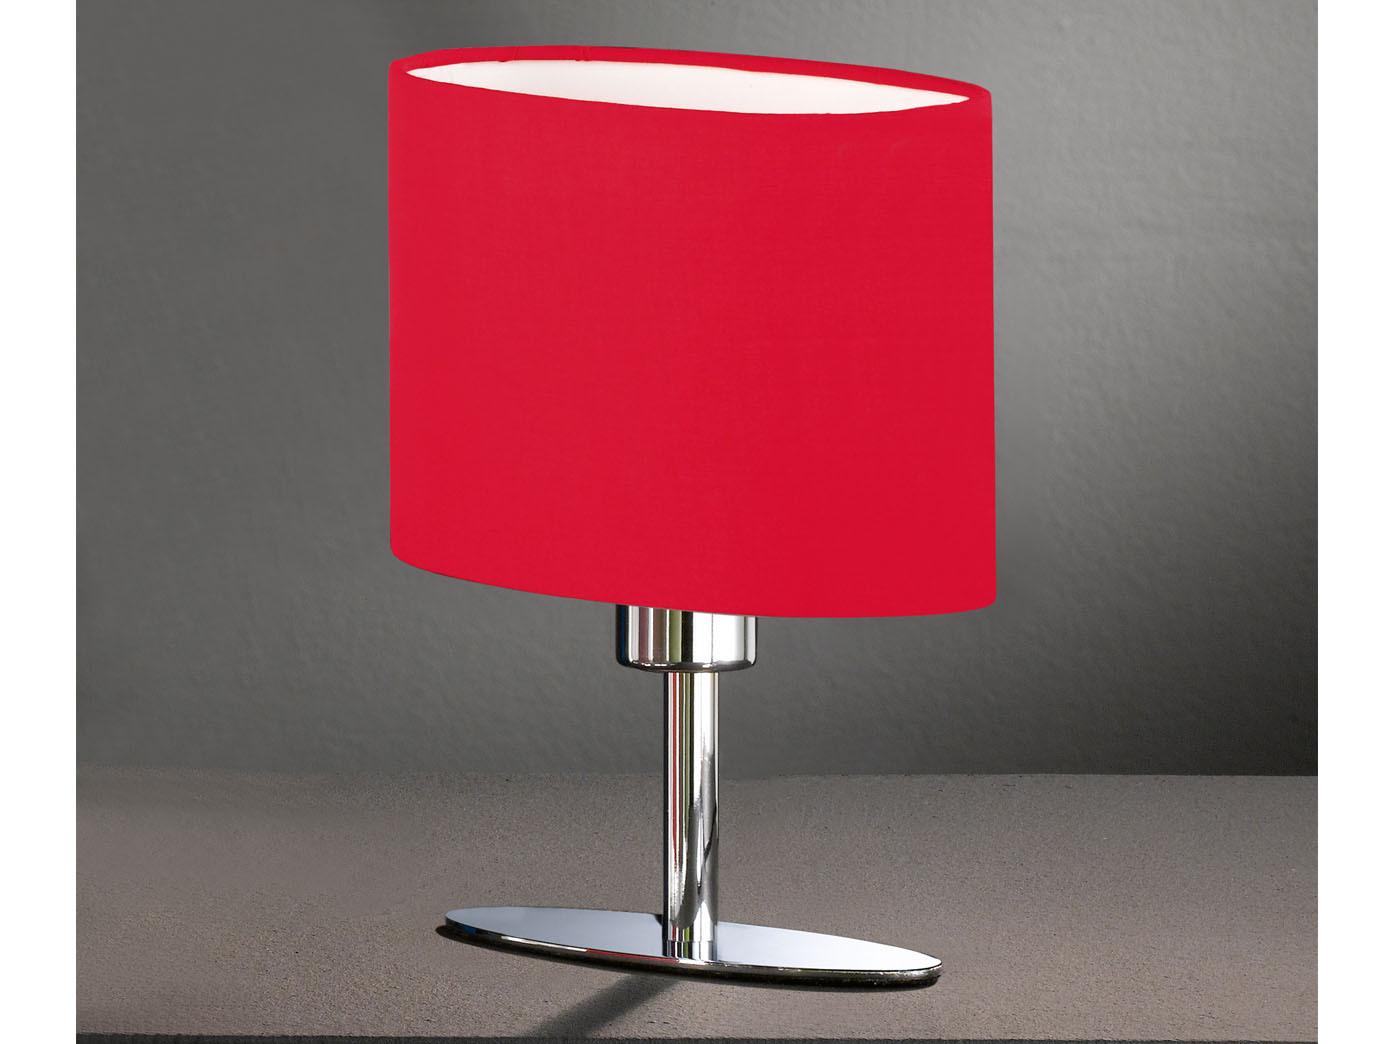 Deko Tischleuchte Leuchtenfuss Chrom Glanzend Schirm Rot